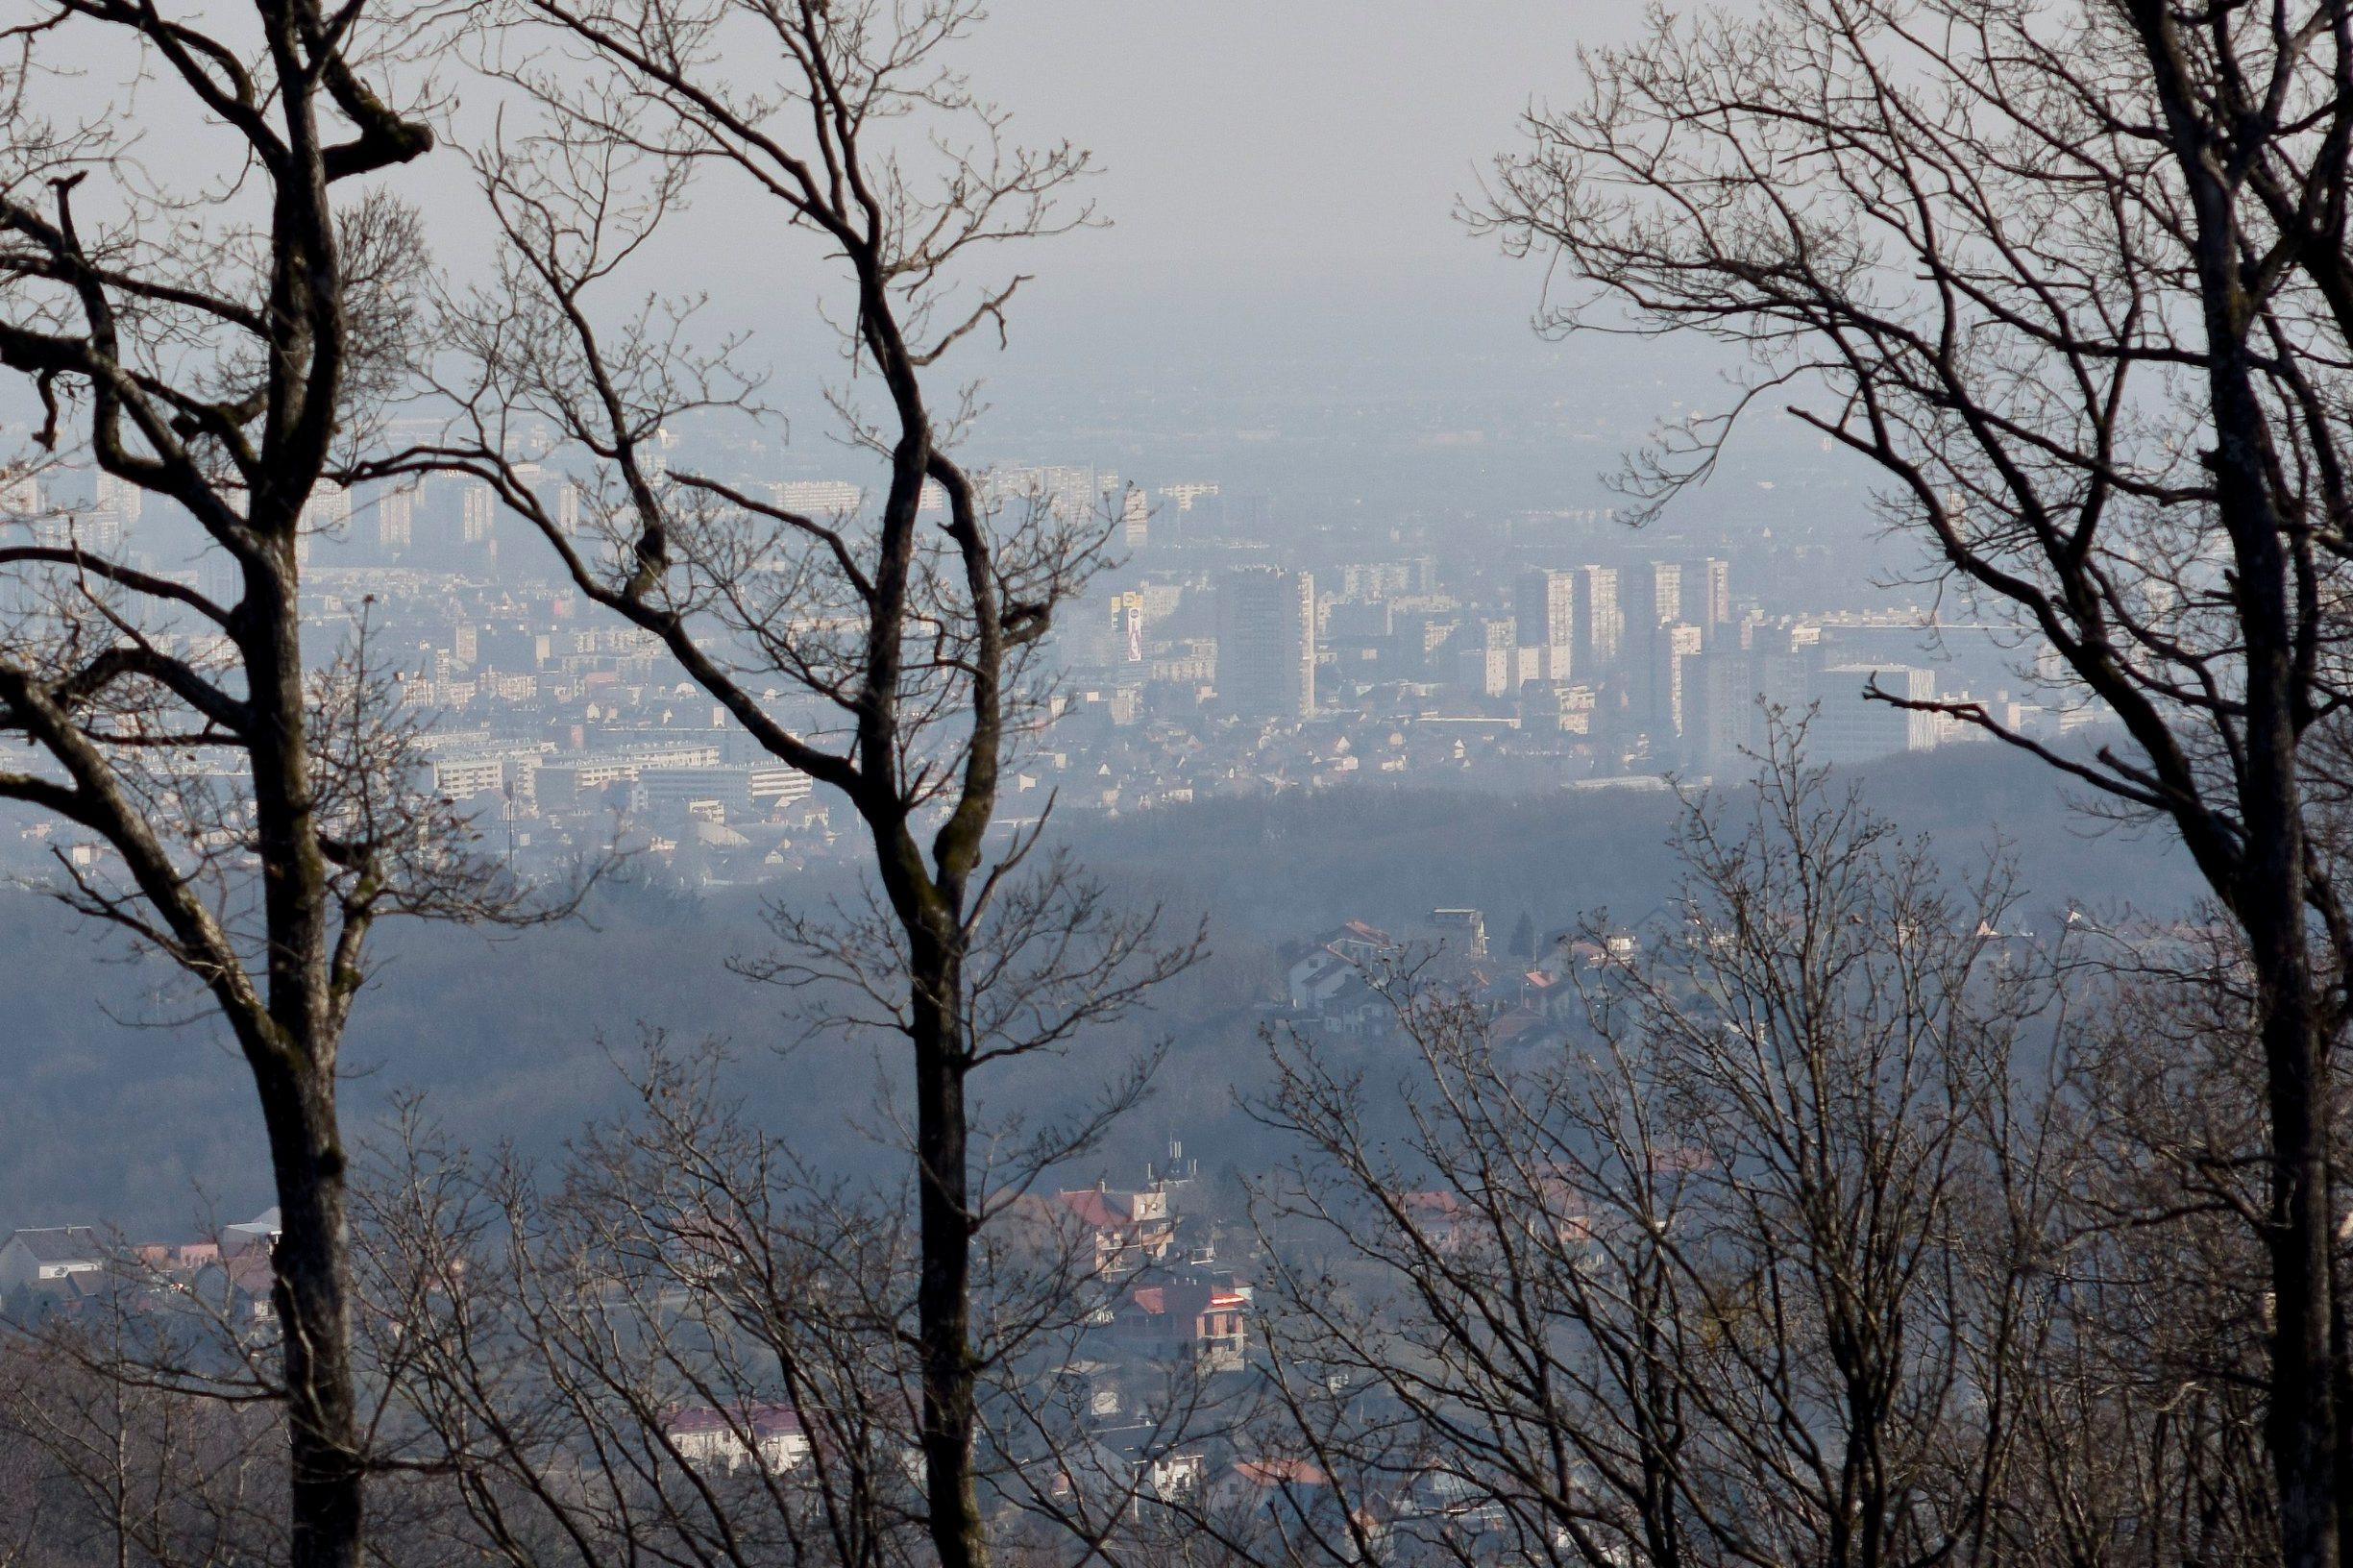 Zagreb, 240219. Medvednica. Priroda zagrebackog brda, Medvednice na samom pragu proljeca. Foto: Darko Tomas / CROPIX